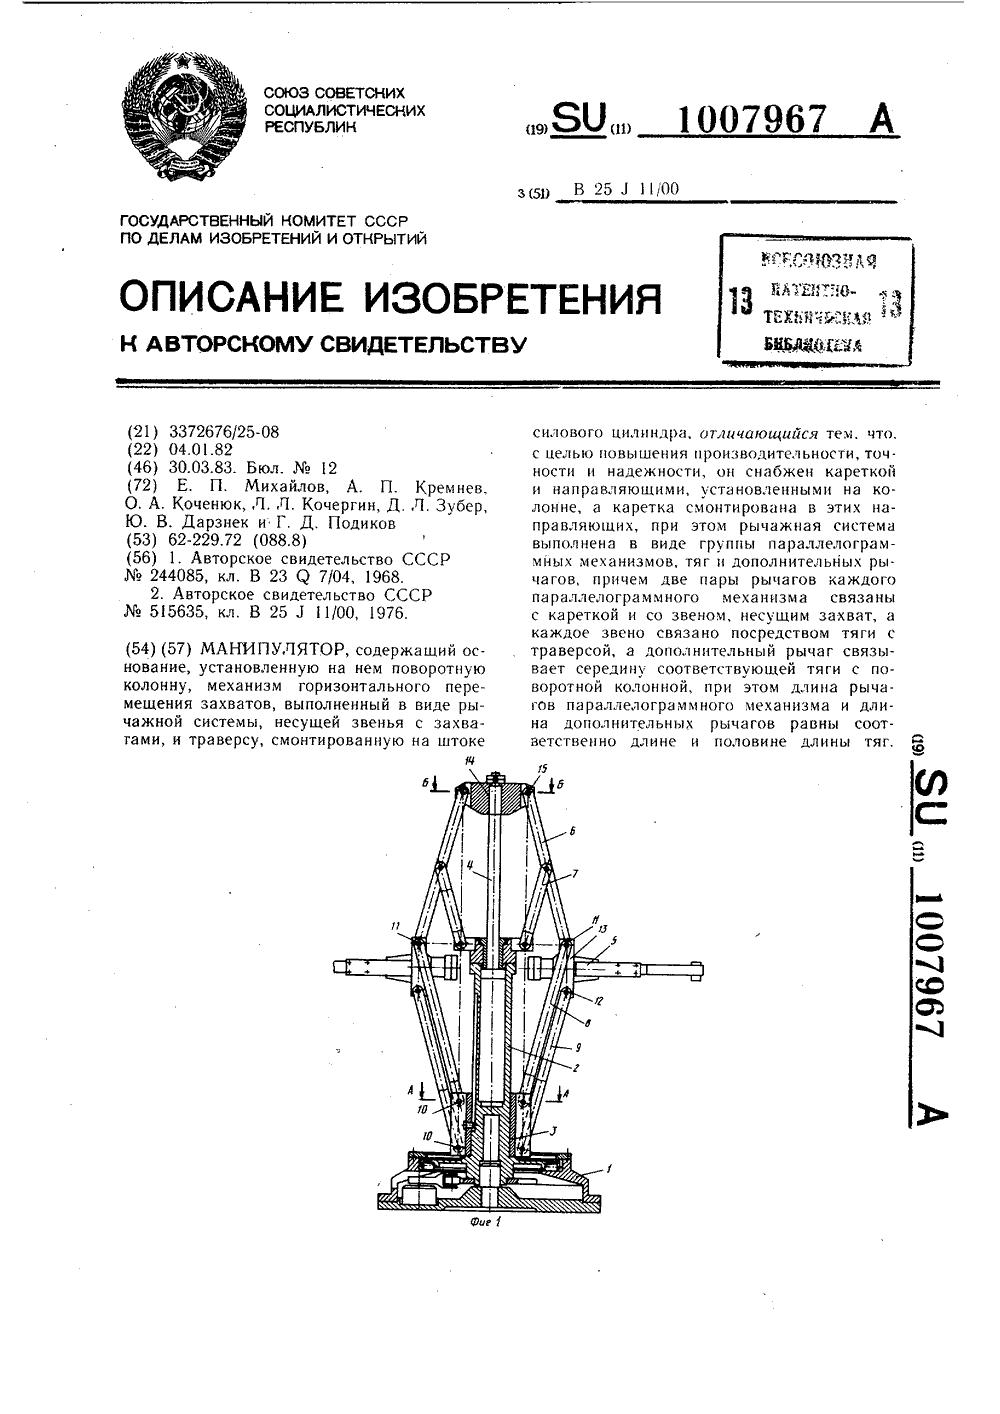 принципиальная гидравлическая схема манипулятора